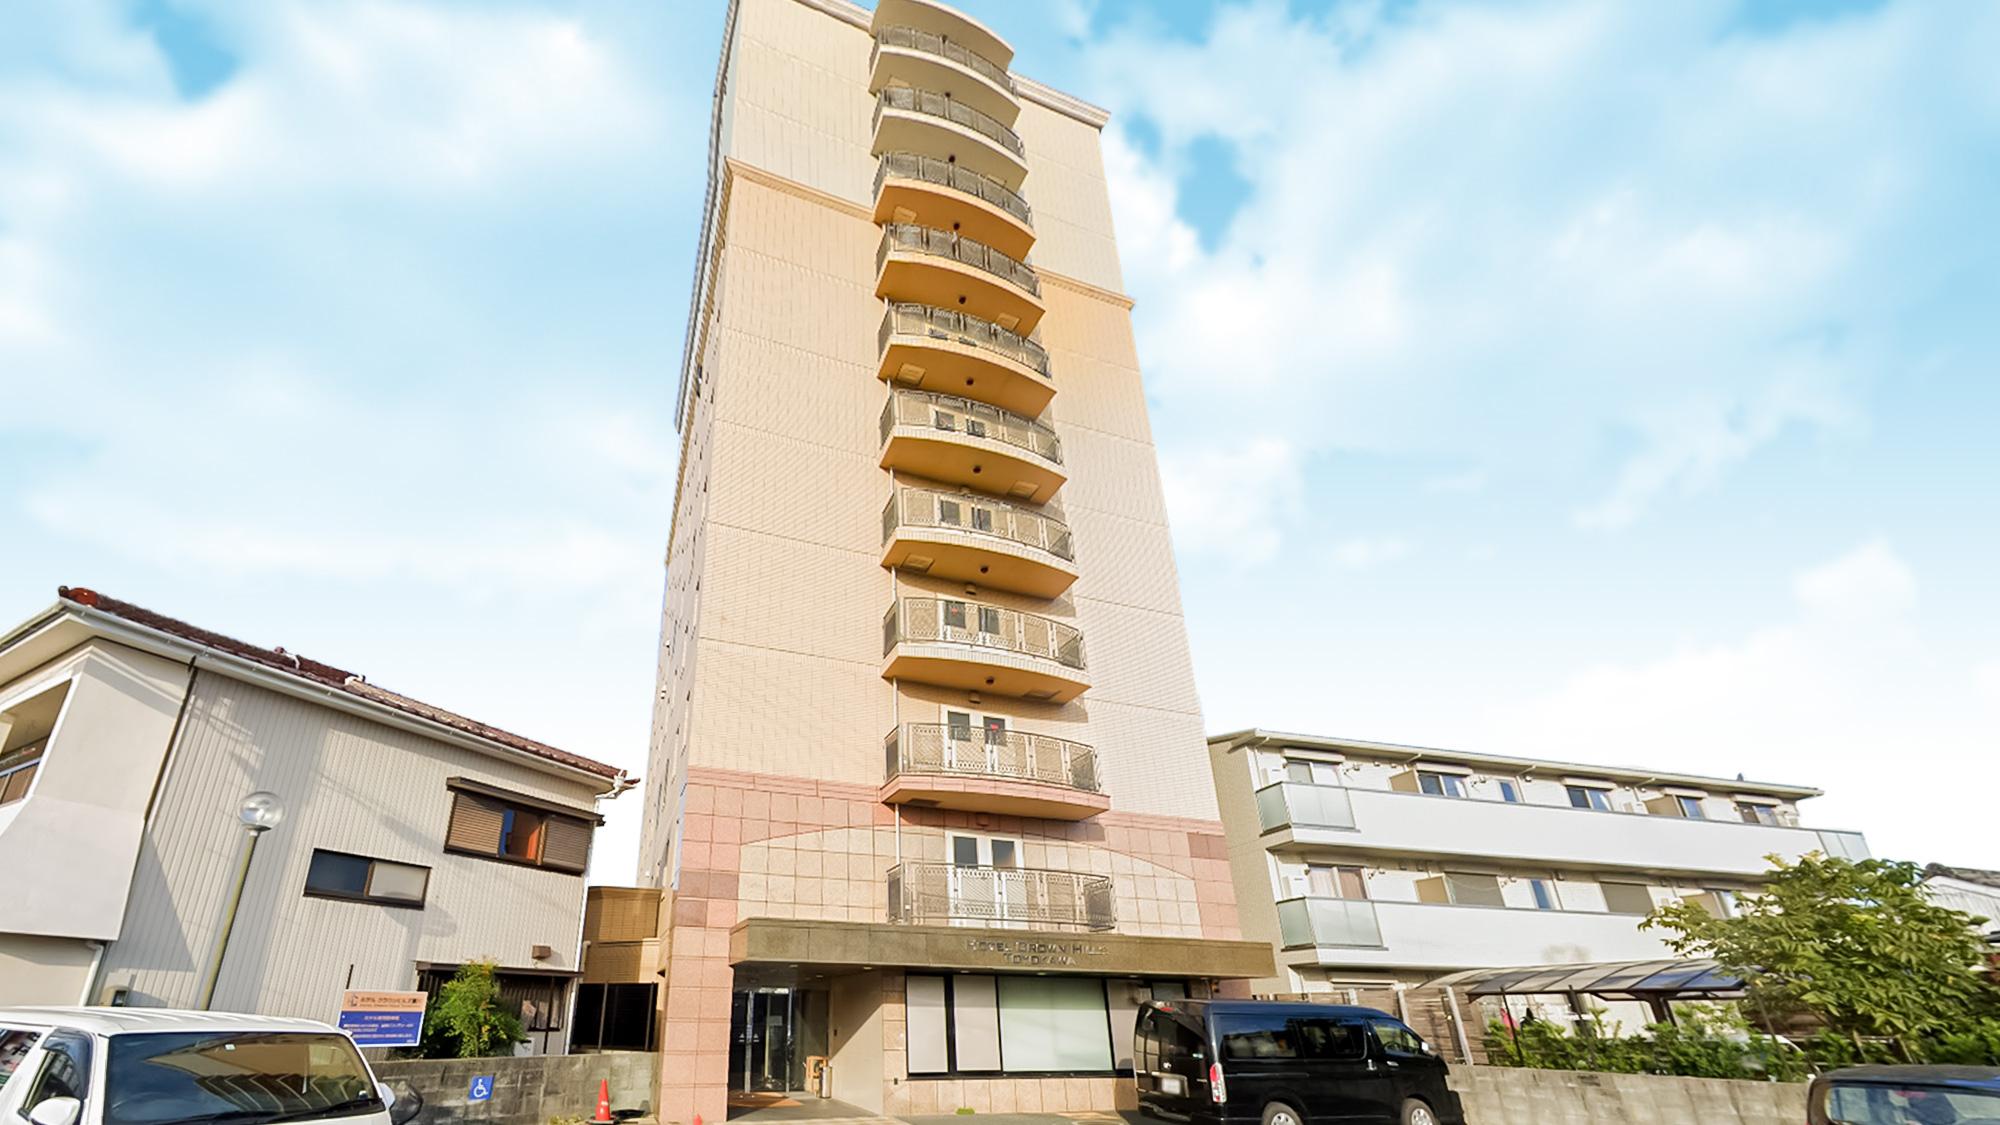 ホテル クラウンヒルズ豊川◆楽天トラベル